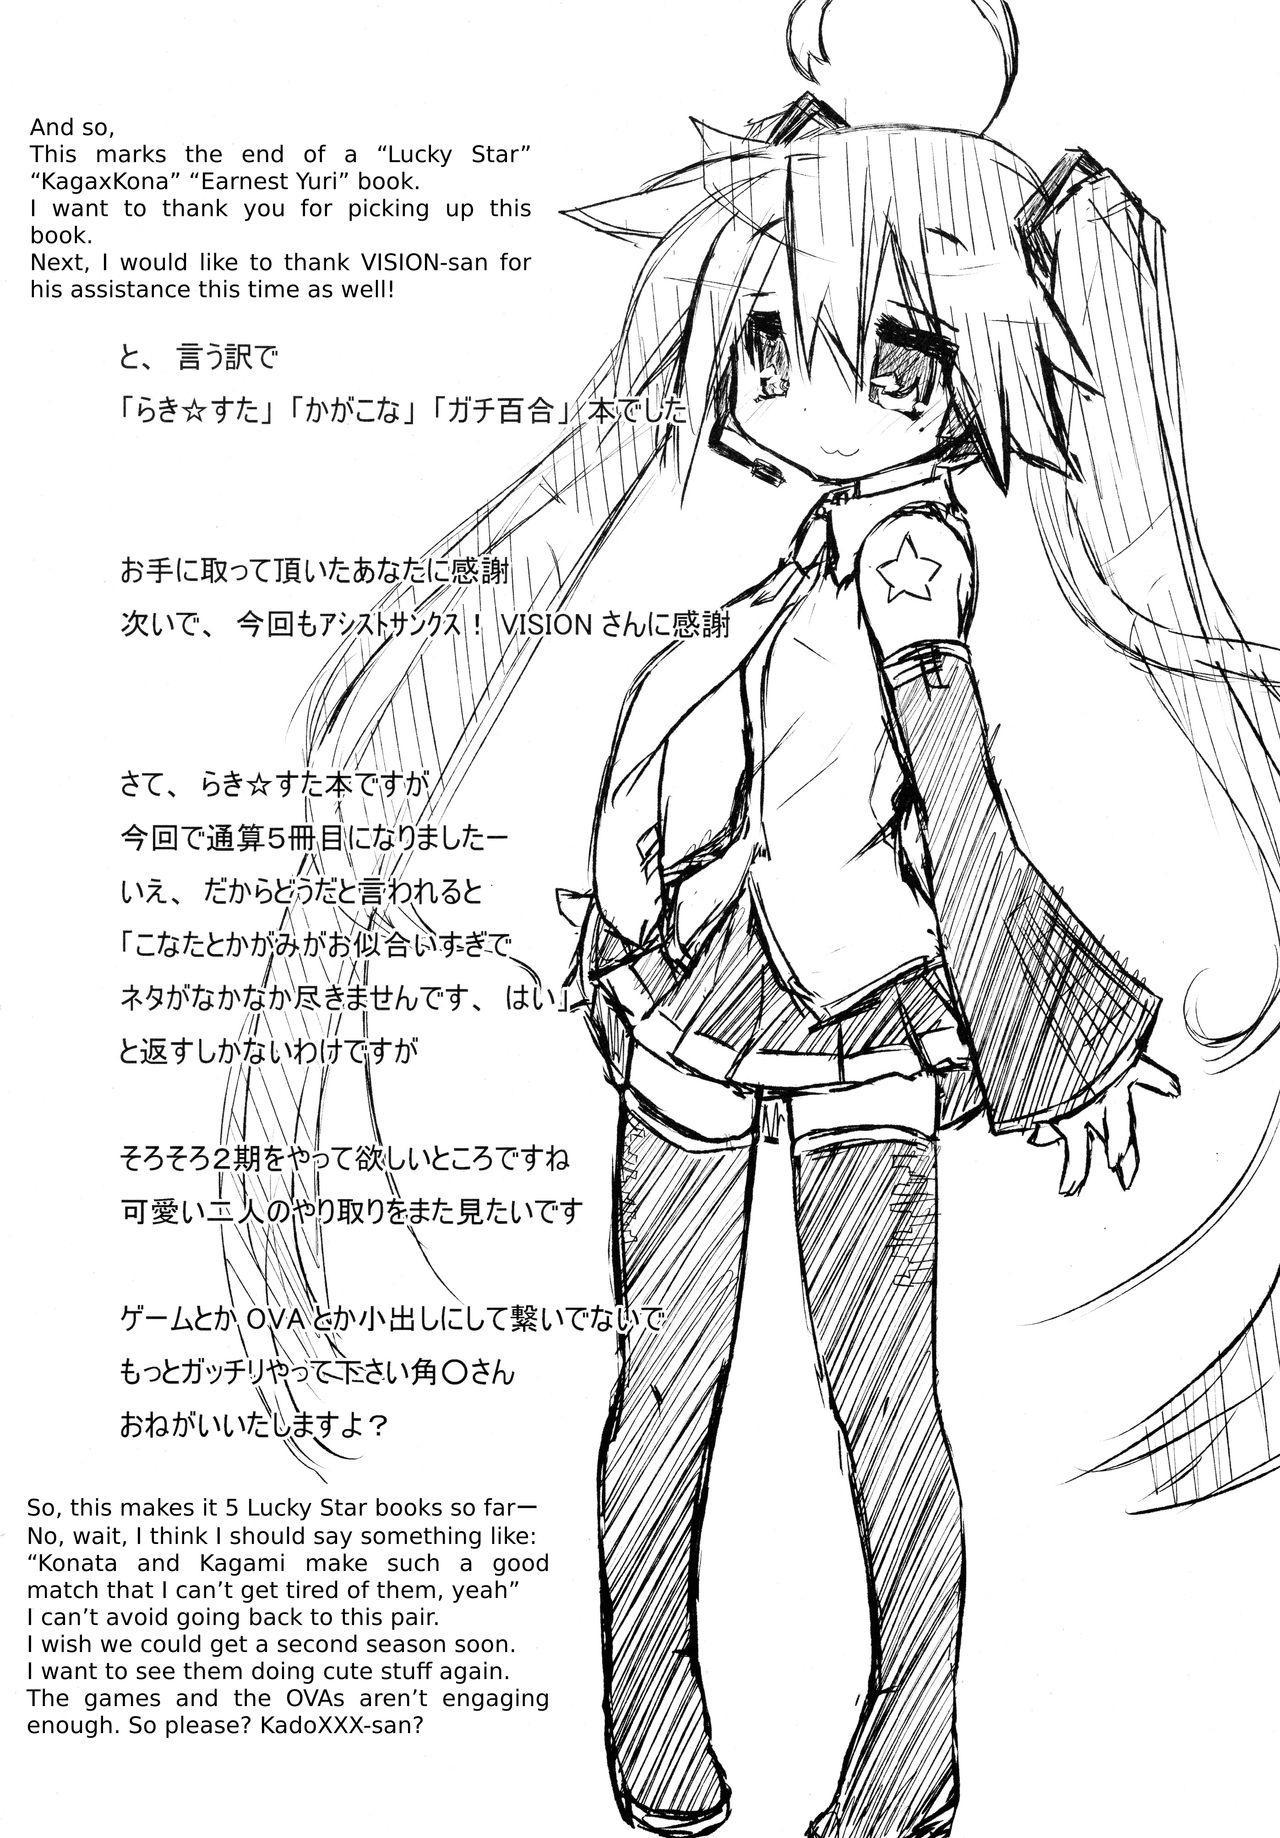 Ijiwaru Kagami. Ijirare Konata. | Meanie Kagami. Teased Konata. 27